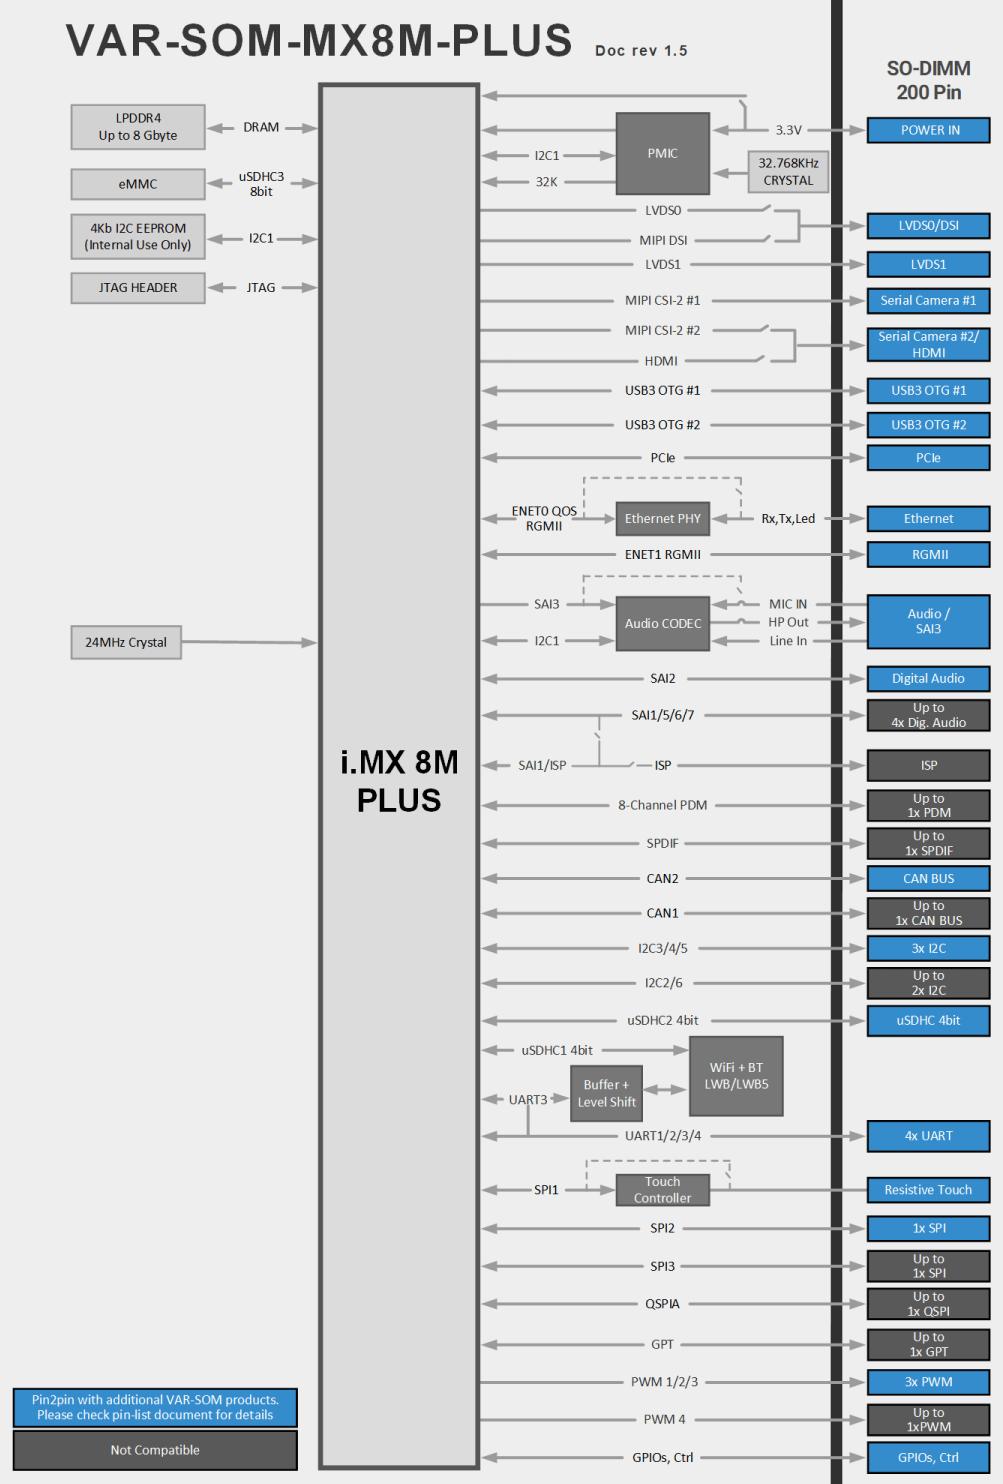 VAR-SOM-MX8M-PLUS Block Diagram NXP i.MX8M Plus Diagram